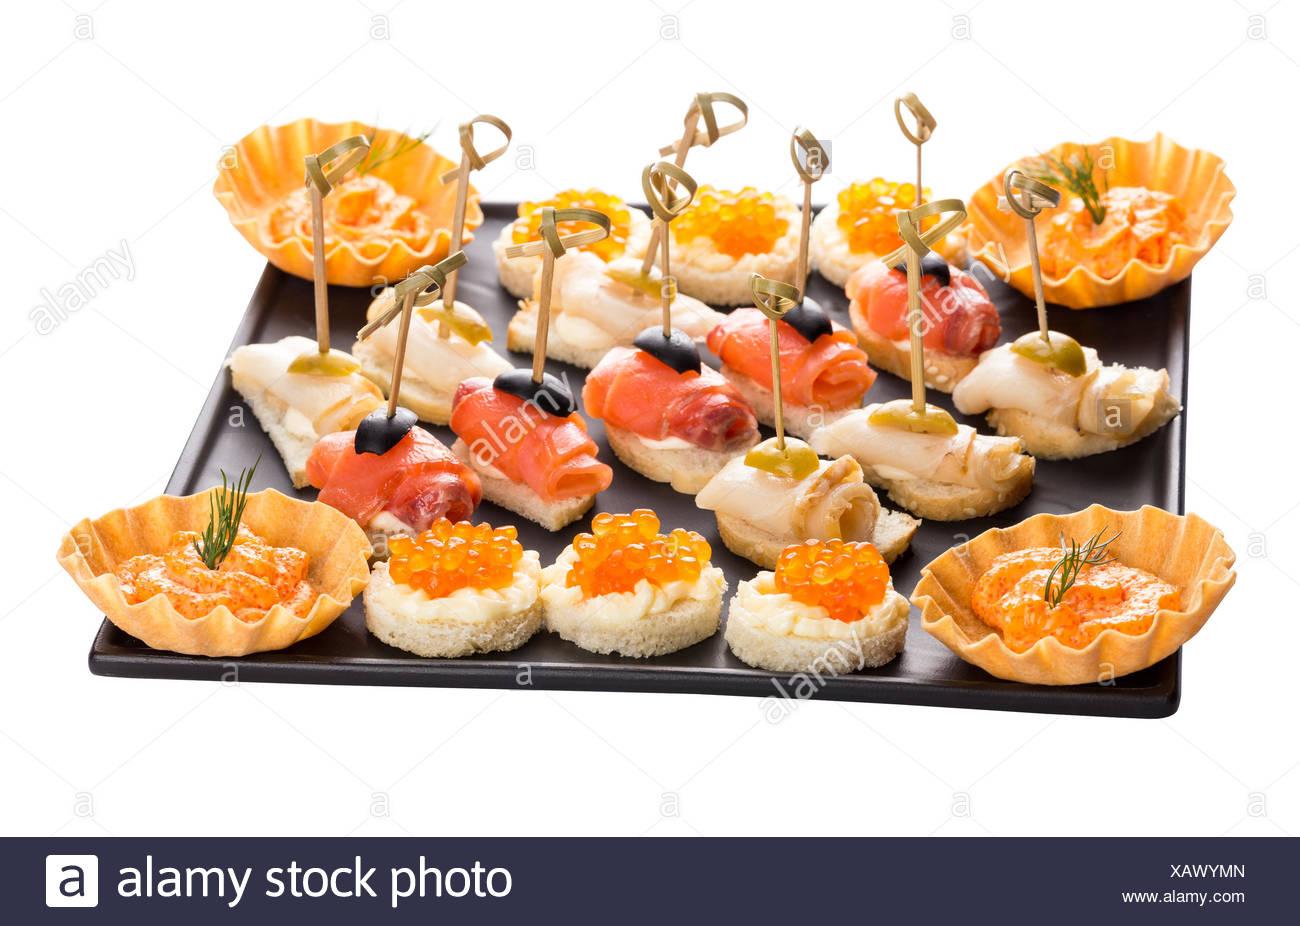 Startseite - Royal Caviar